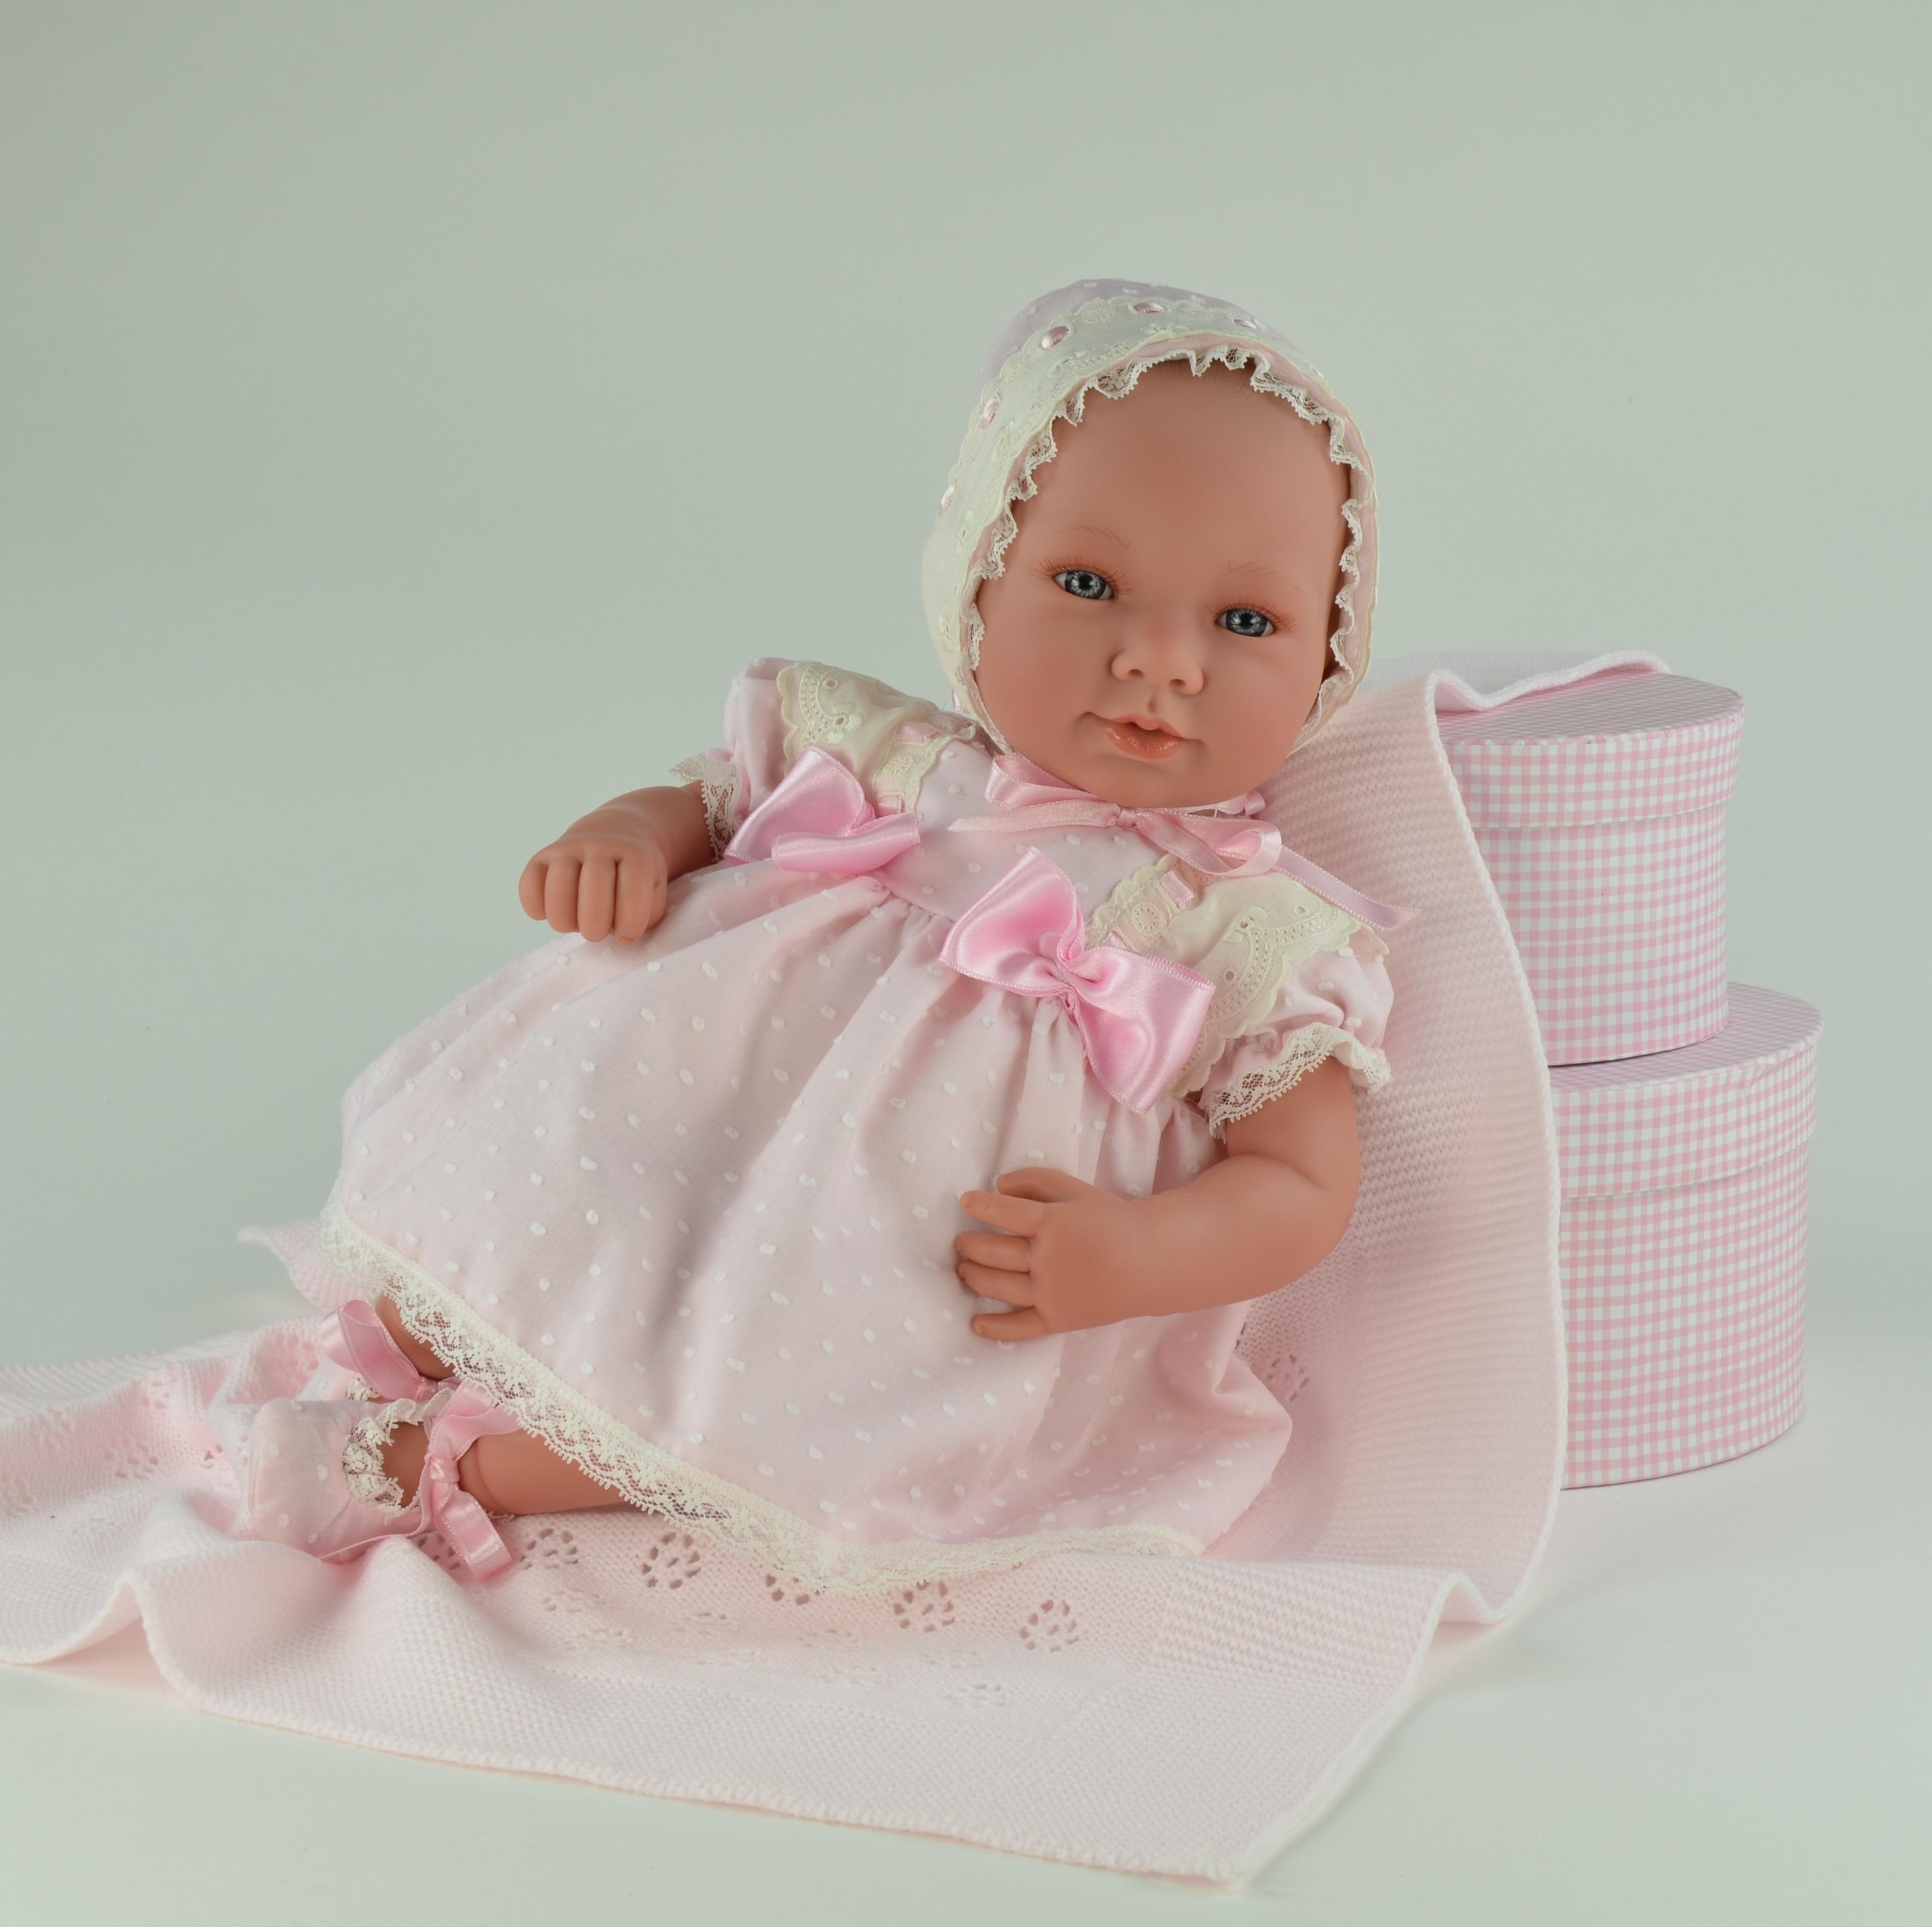 Кукла Аня в розовом платьице, 50 см.Куклы ASI (Испания)<br>Кукла Аня в розовом платьице, 50 см.<br>